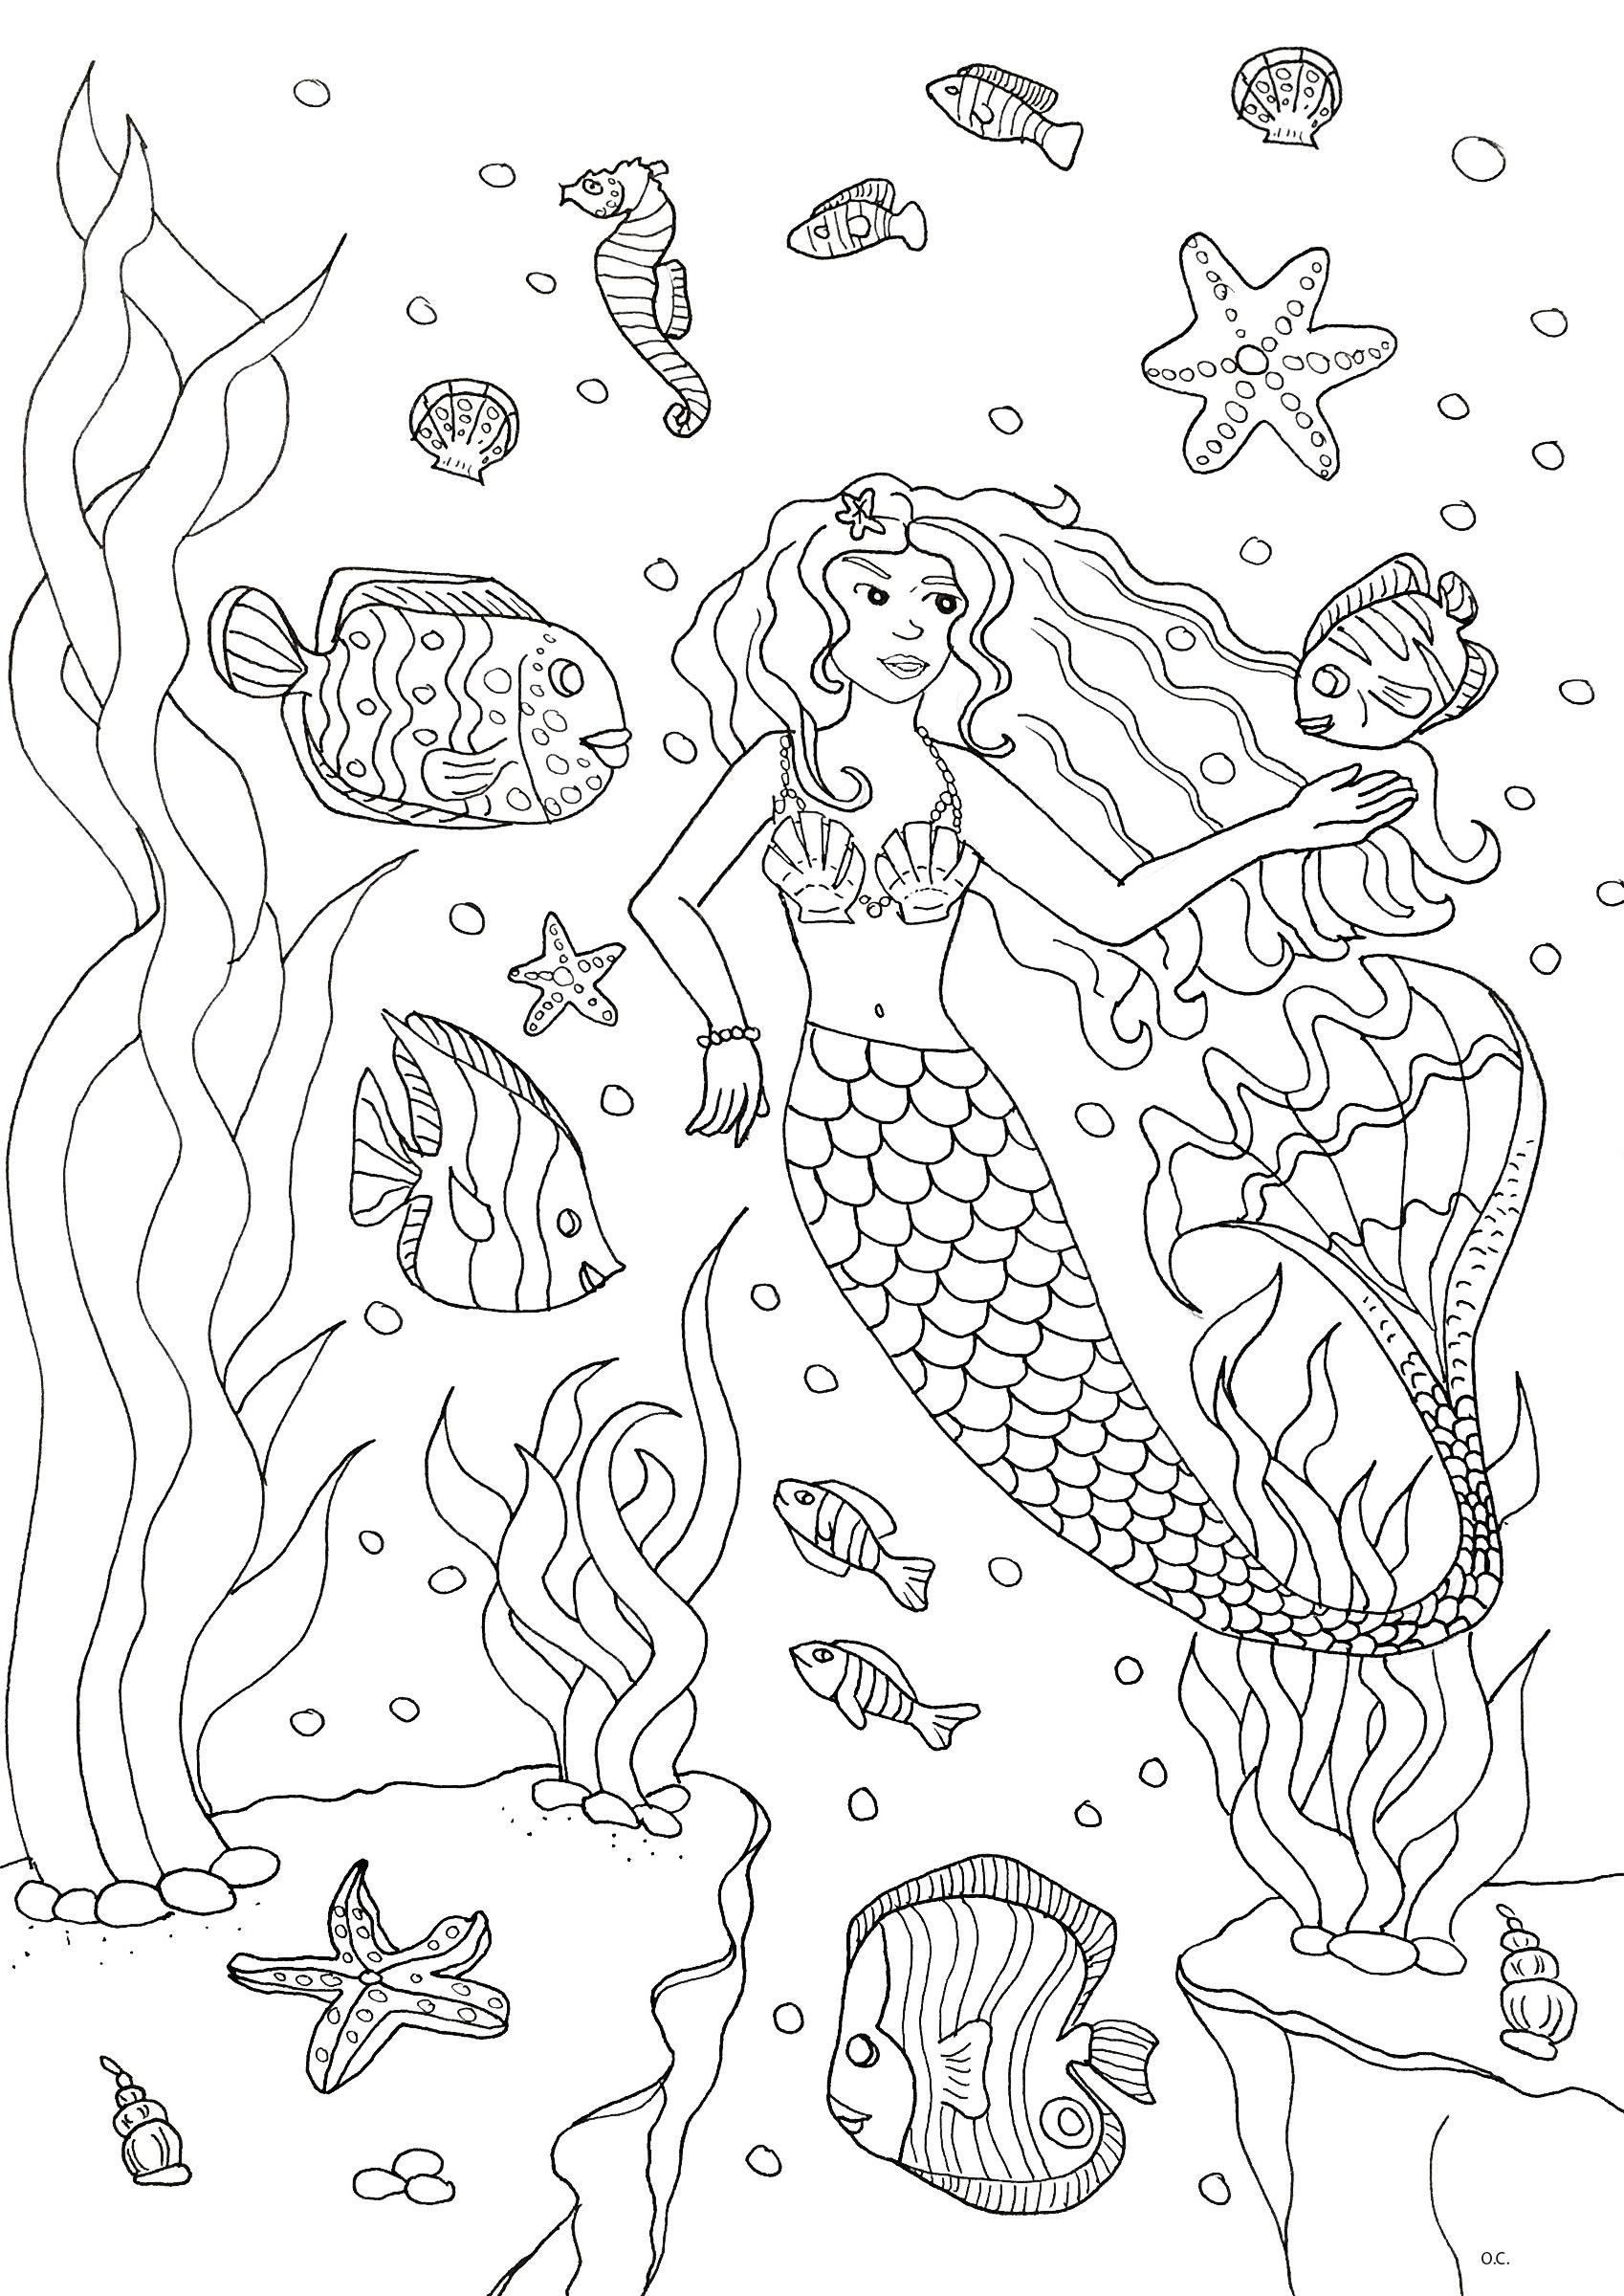 Dessin à imprimer et colorier d'une jolie sirène et ses amis poissonsA partir de la galerie : Mondes AquatiquesArtiste : Olivier